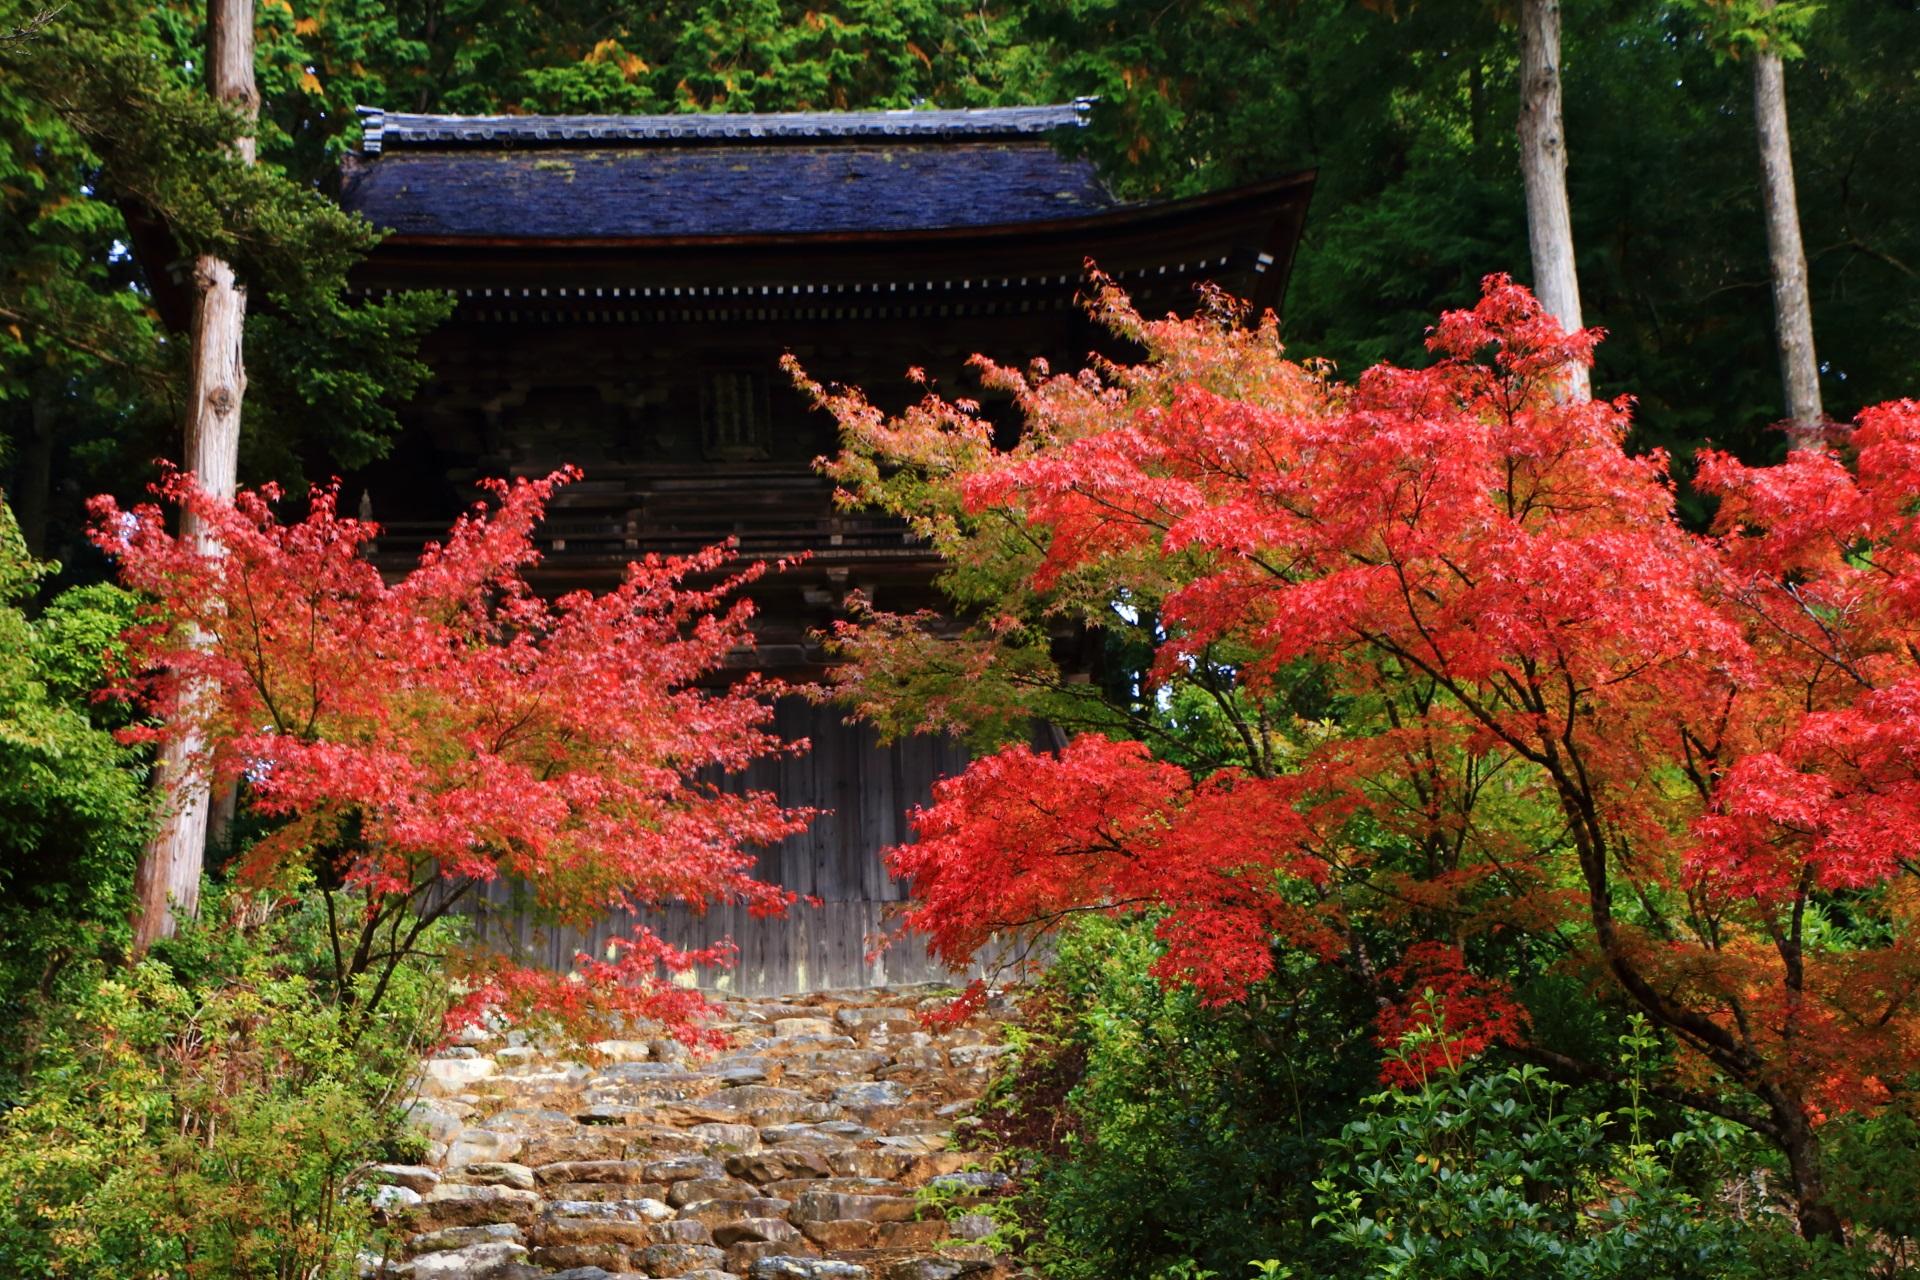 神護寺の鐘楼と朱色の明るい紅葉